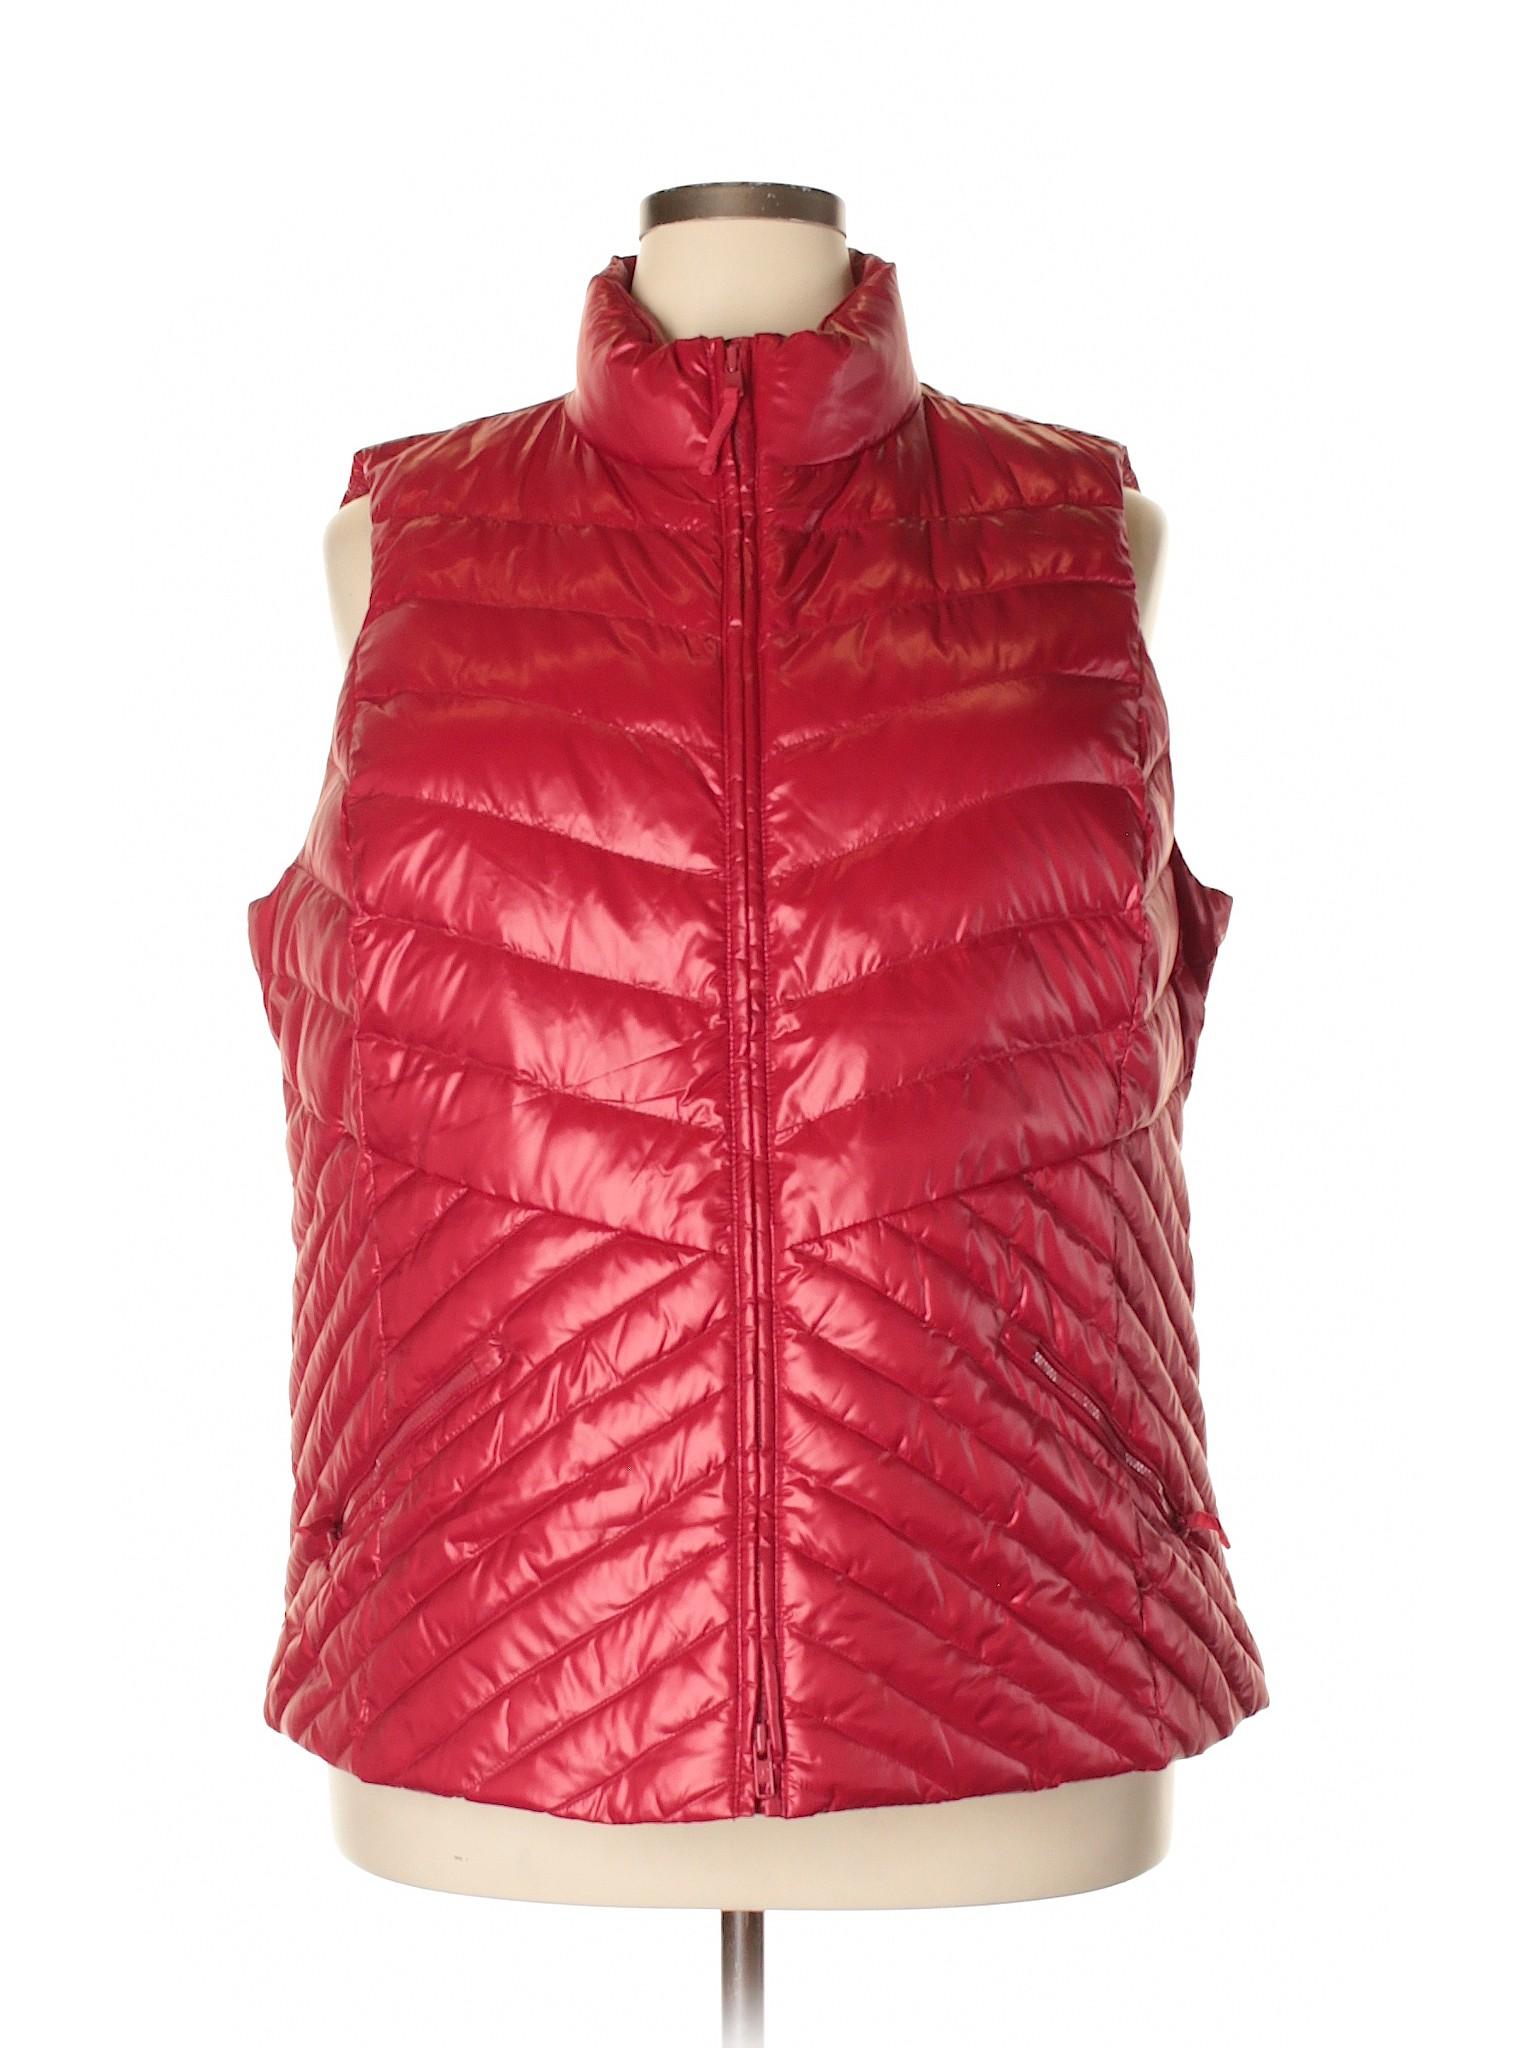 Vest leisure leisure Boutique Vest Vest Talbots Talbots Boutique Talbots Boutique leisure qP4YvtBw